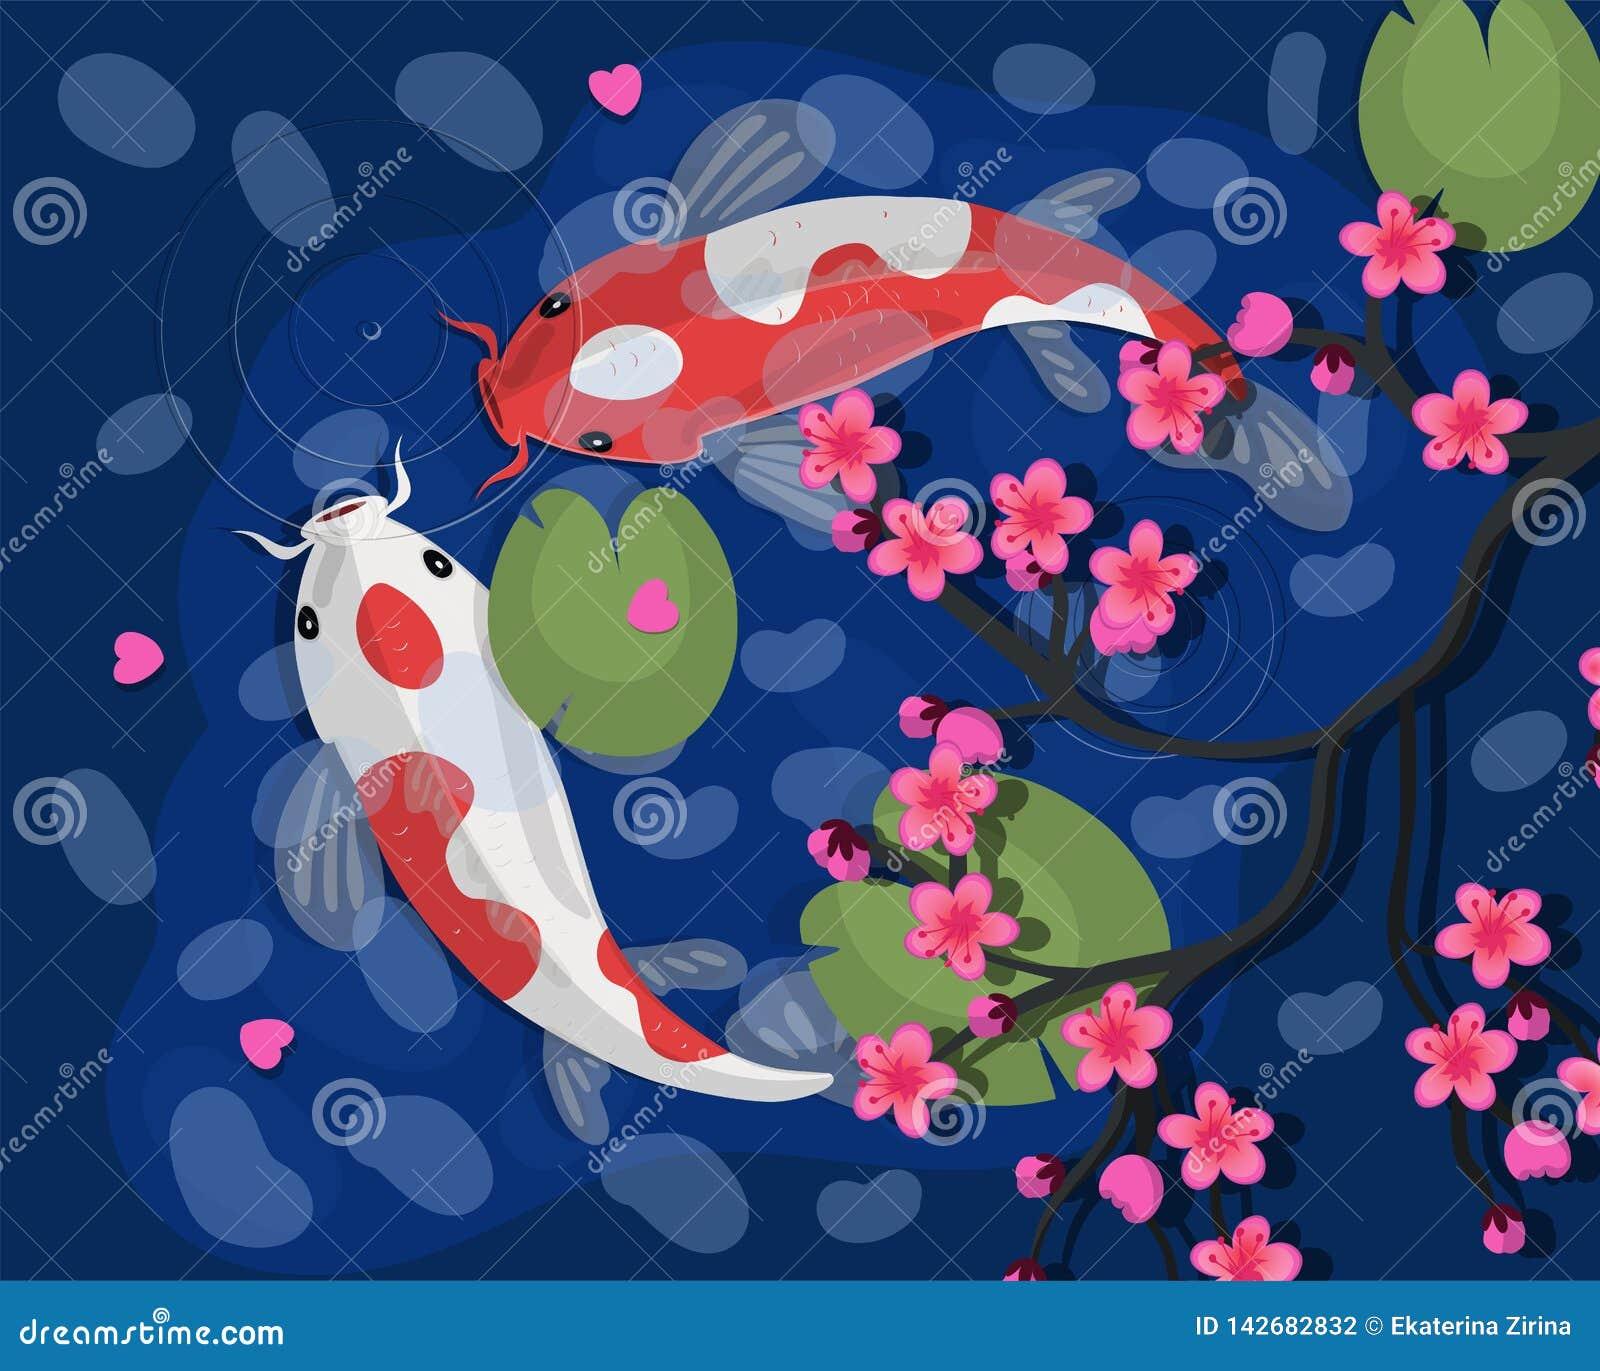 Koi Karpfen Fisch-Vektorillustration Koi japanische Chinesischer Goldfish Koi-Symbol des Reichtums